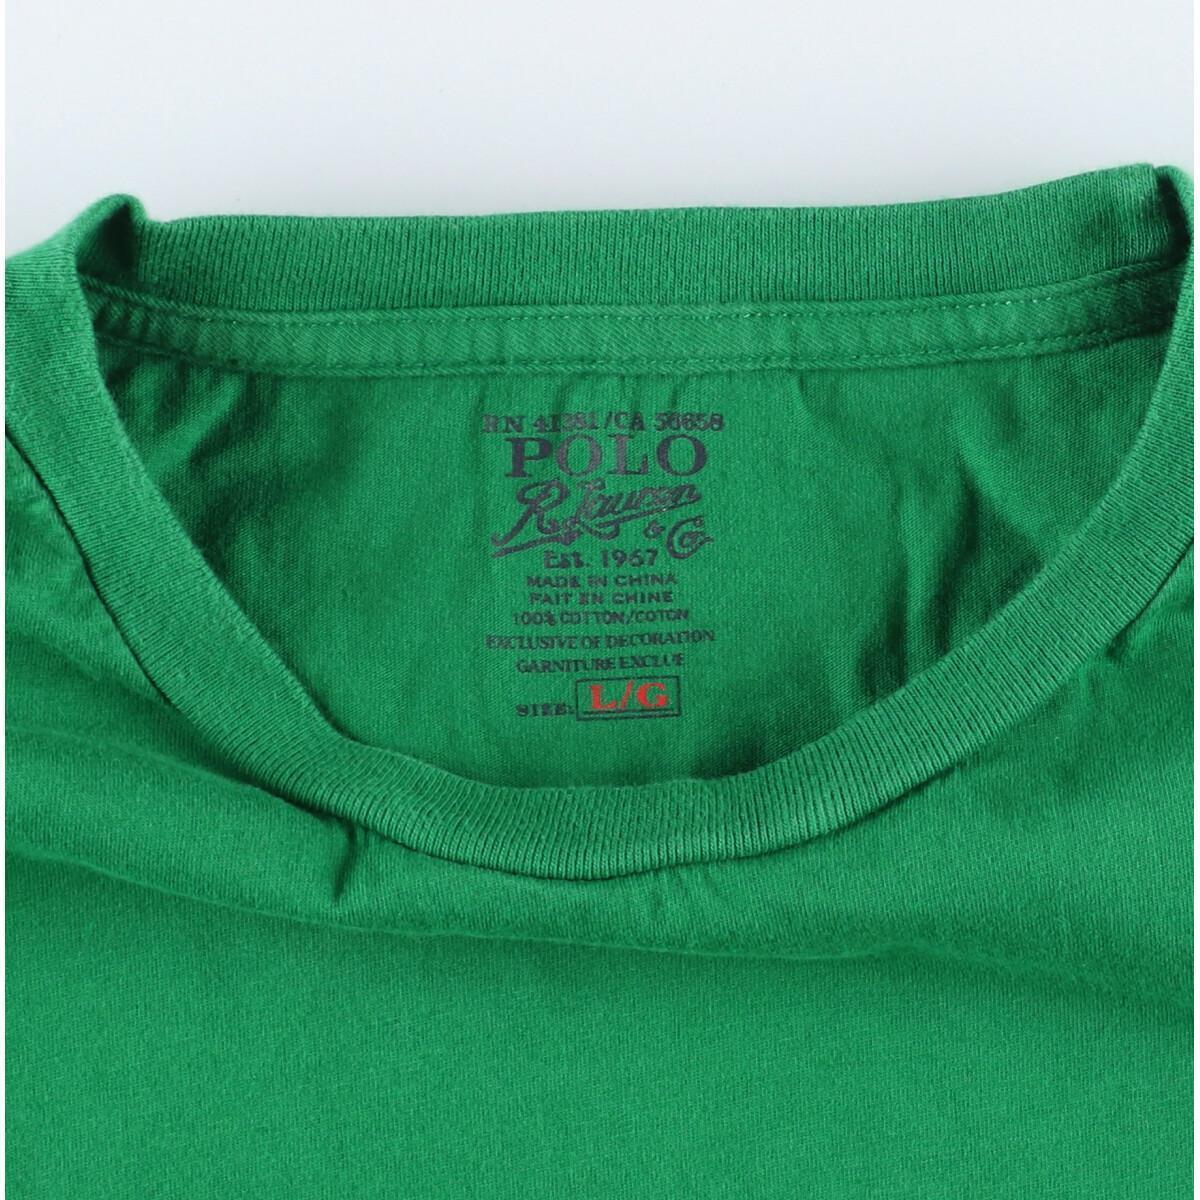 ラルフローレン Ralph Lauren POLO by Ralph Lauren ワンポイントロゴポケットTシャツ メンズXL /eaa155206_画像3